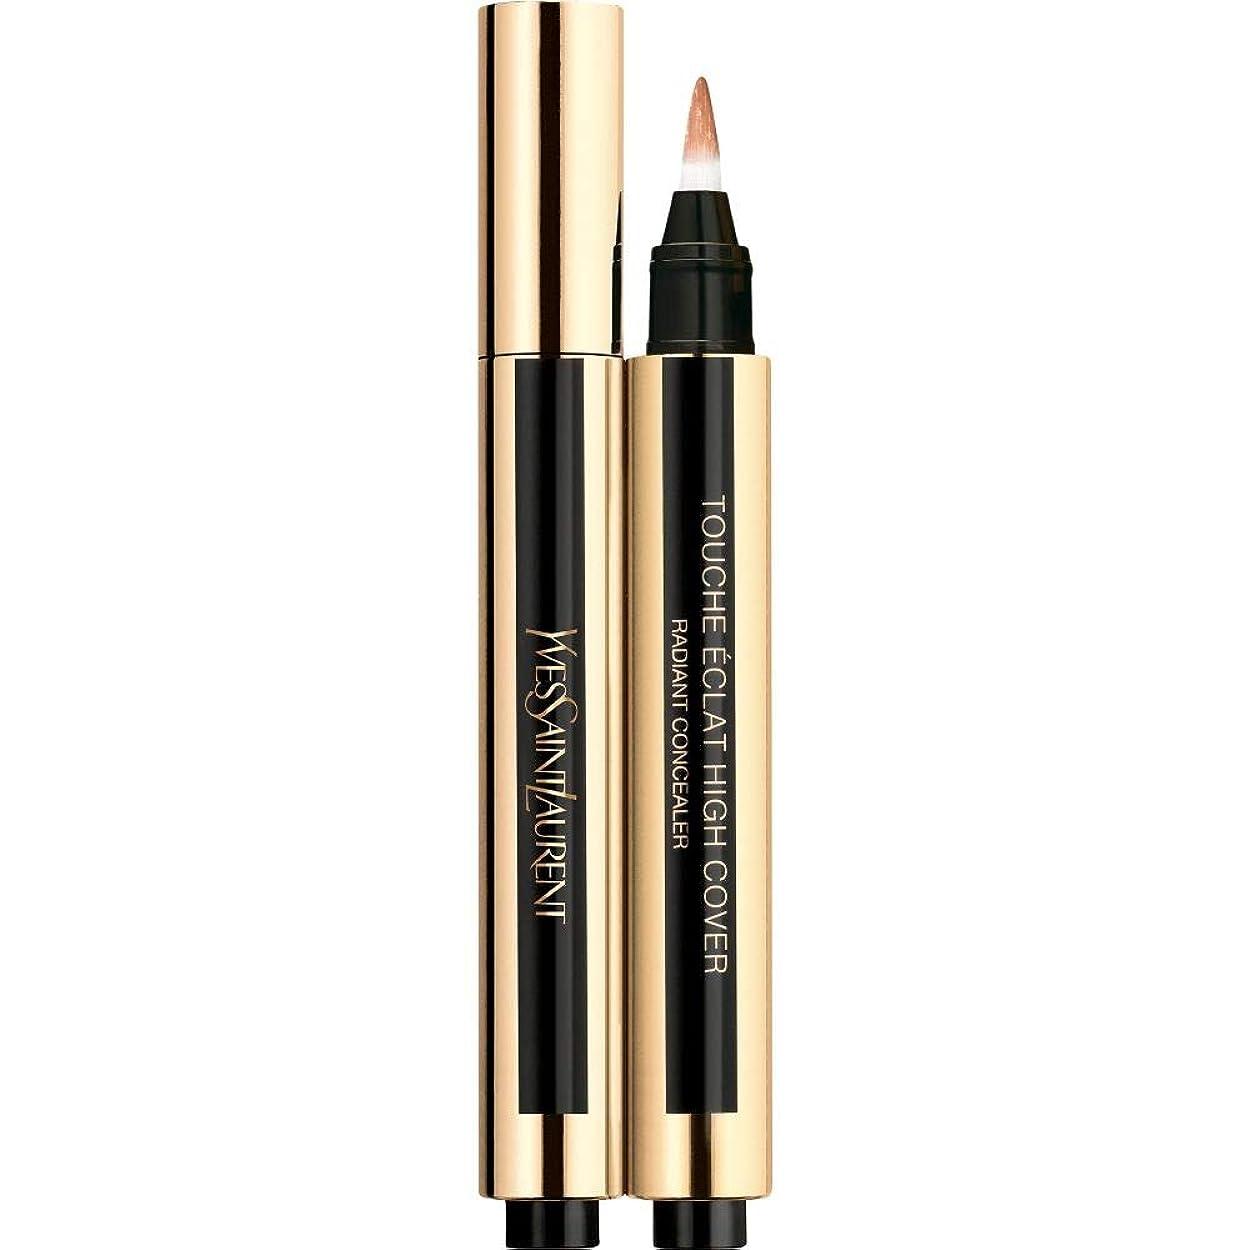 セントアマチュアラオス人[Yves Saint Laurent] 5.5 2.5ミリリットルイヴ?サンローランのトウシュエクラ高いカバー放射コンシーラーペン - 暖かい日焼け - Yves Saint Laurent Touche Eclat High Cover Radiant Concealer Pen 2.5ml 5.5 - Warm Tan [並行輸入品]